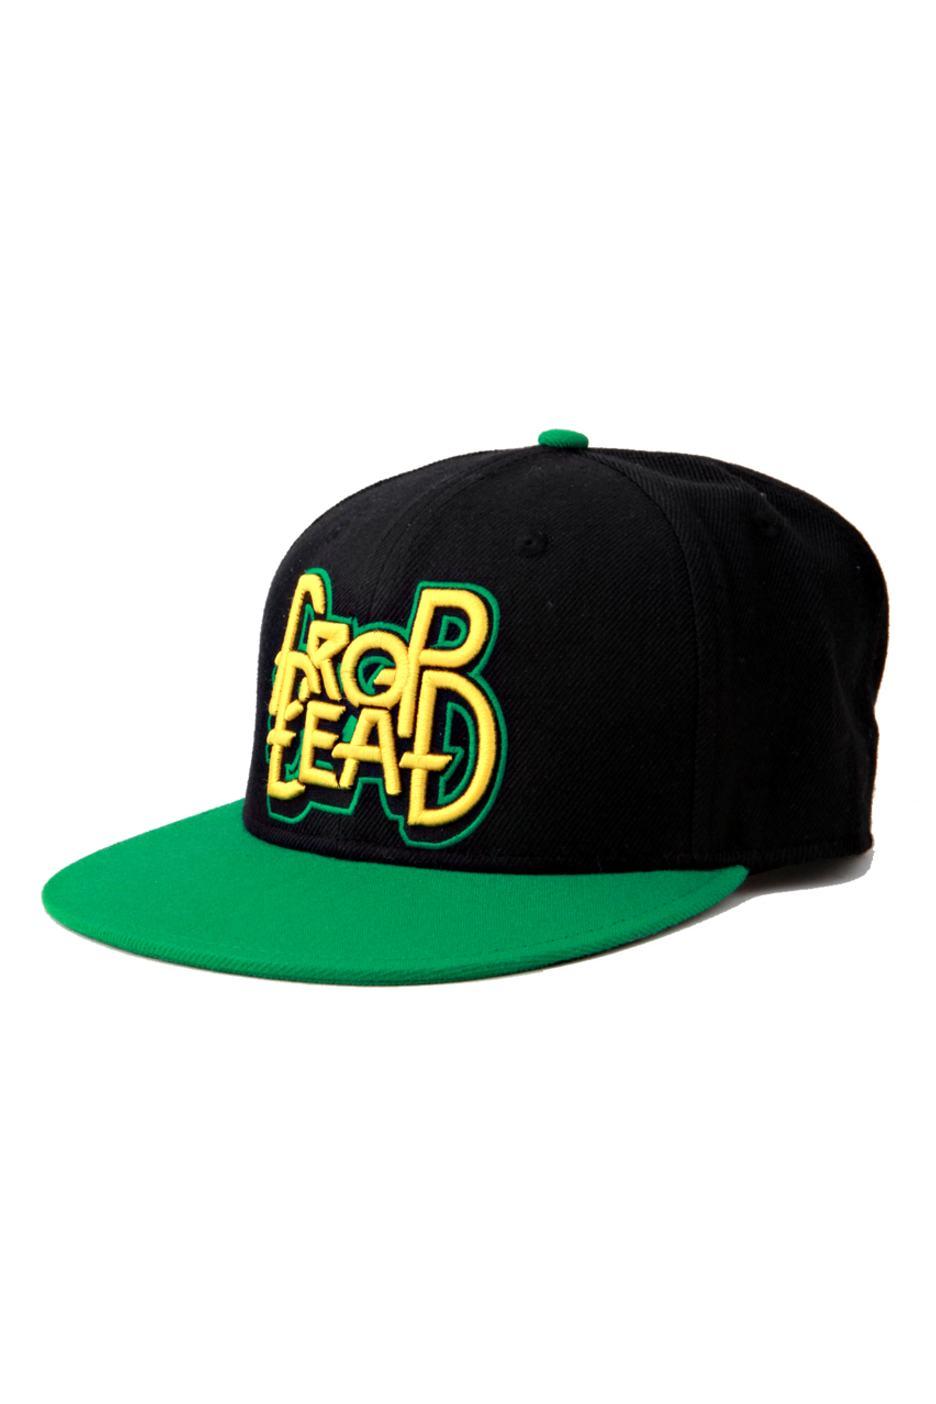 Drop Dead - War Pig Black Green Snapback - Cap - Impericon.com US 28e0d071c532